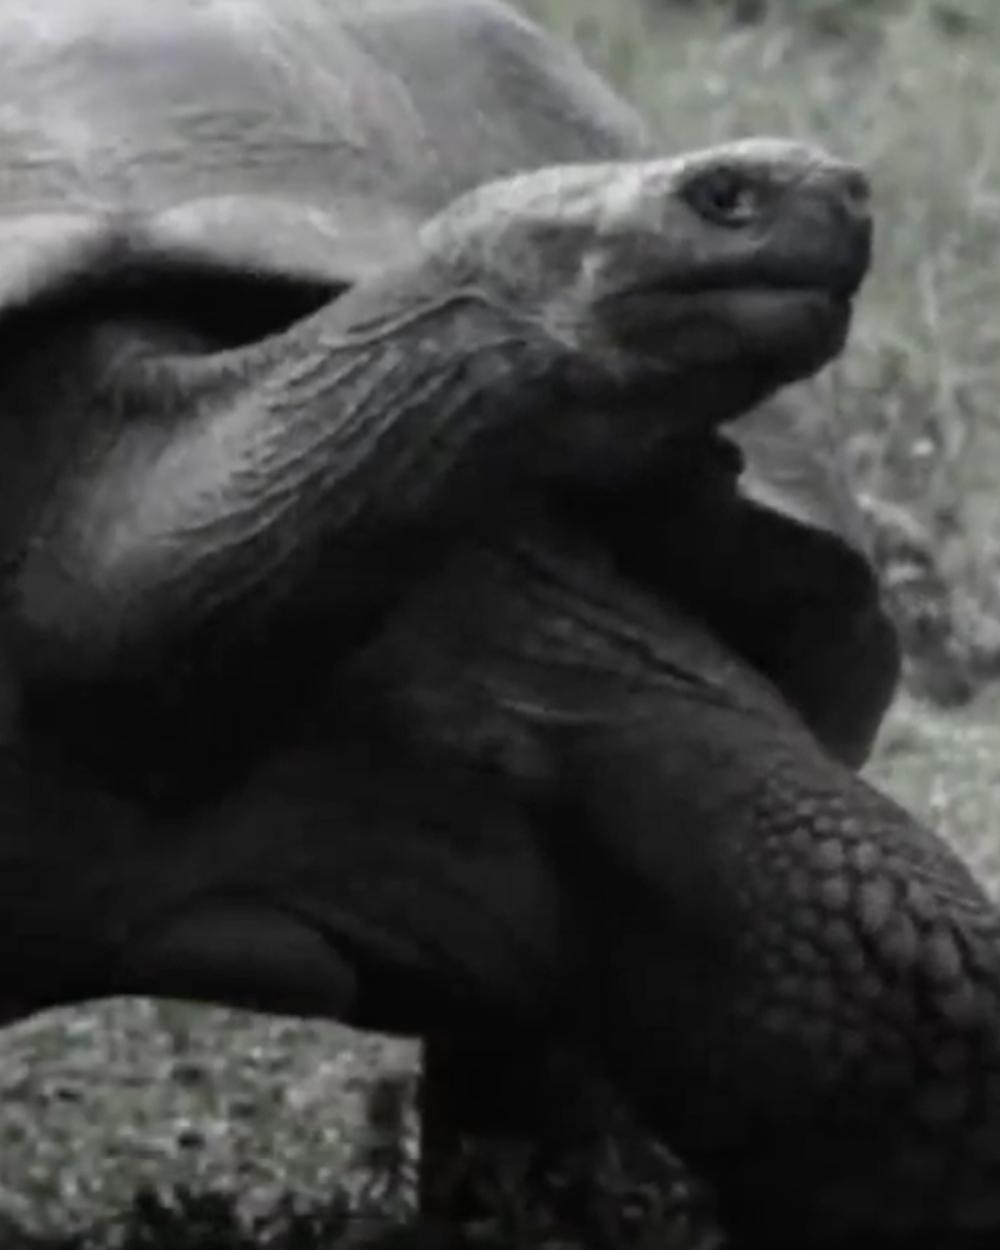 Before Fernanda, the last giant tortoise seen on Fernandina Island was recorded in 1906.